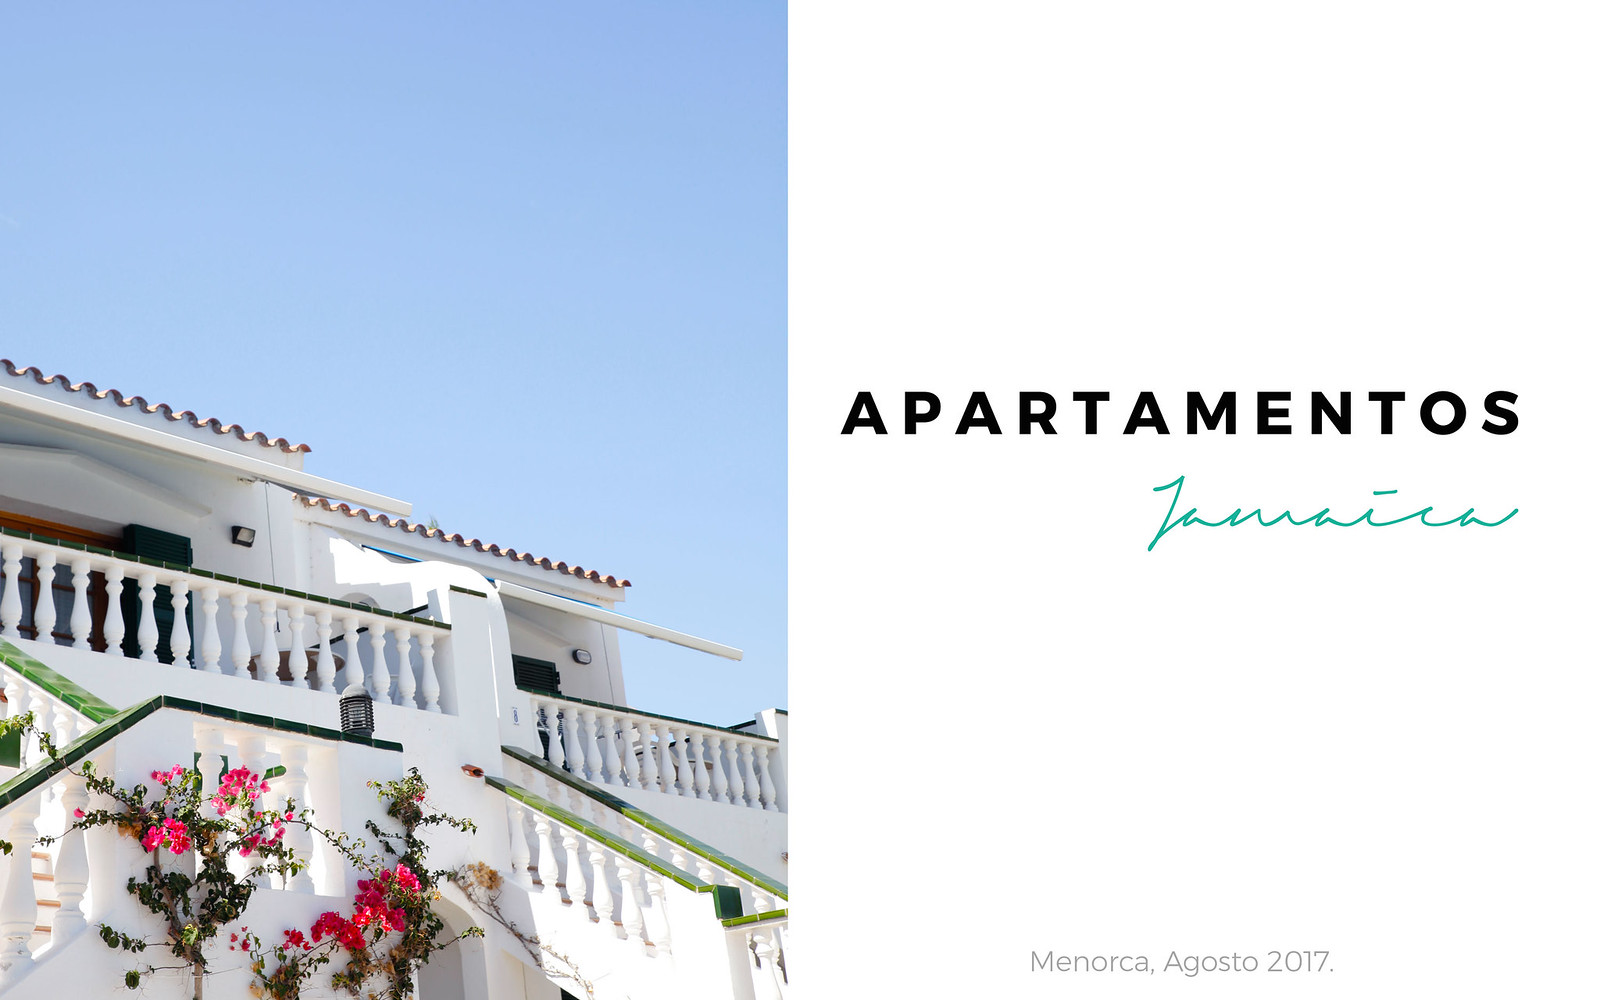 00_jamaica_apartamentos_menorca_vacaciones_en_familia_theguestgirl_travel_post_travel_viajar_fornells_menorca_the_guest_girl